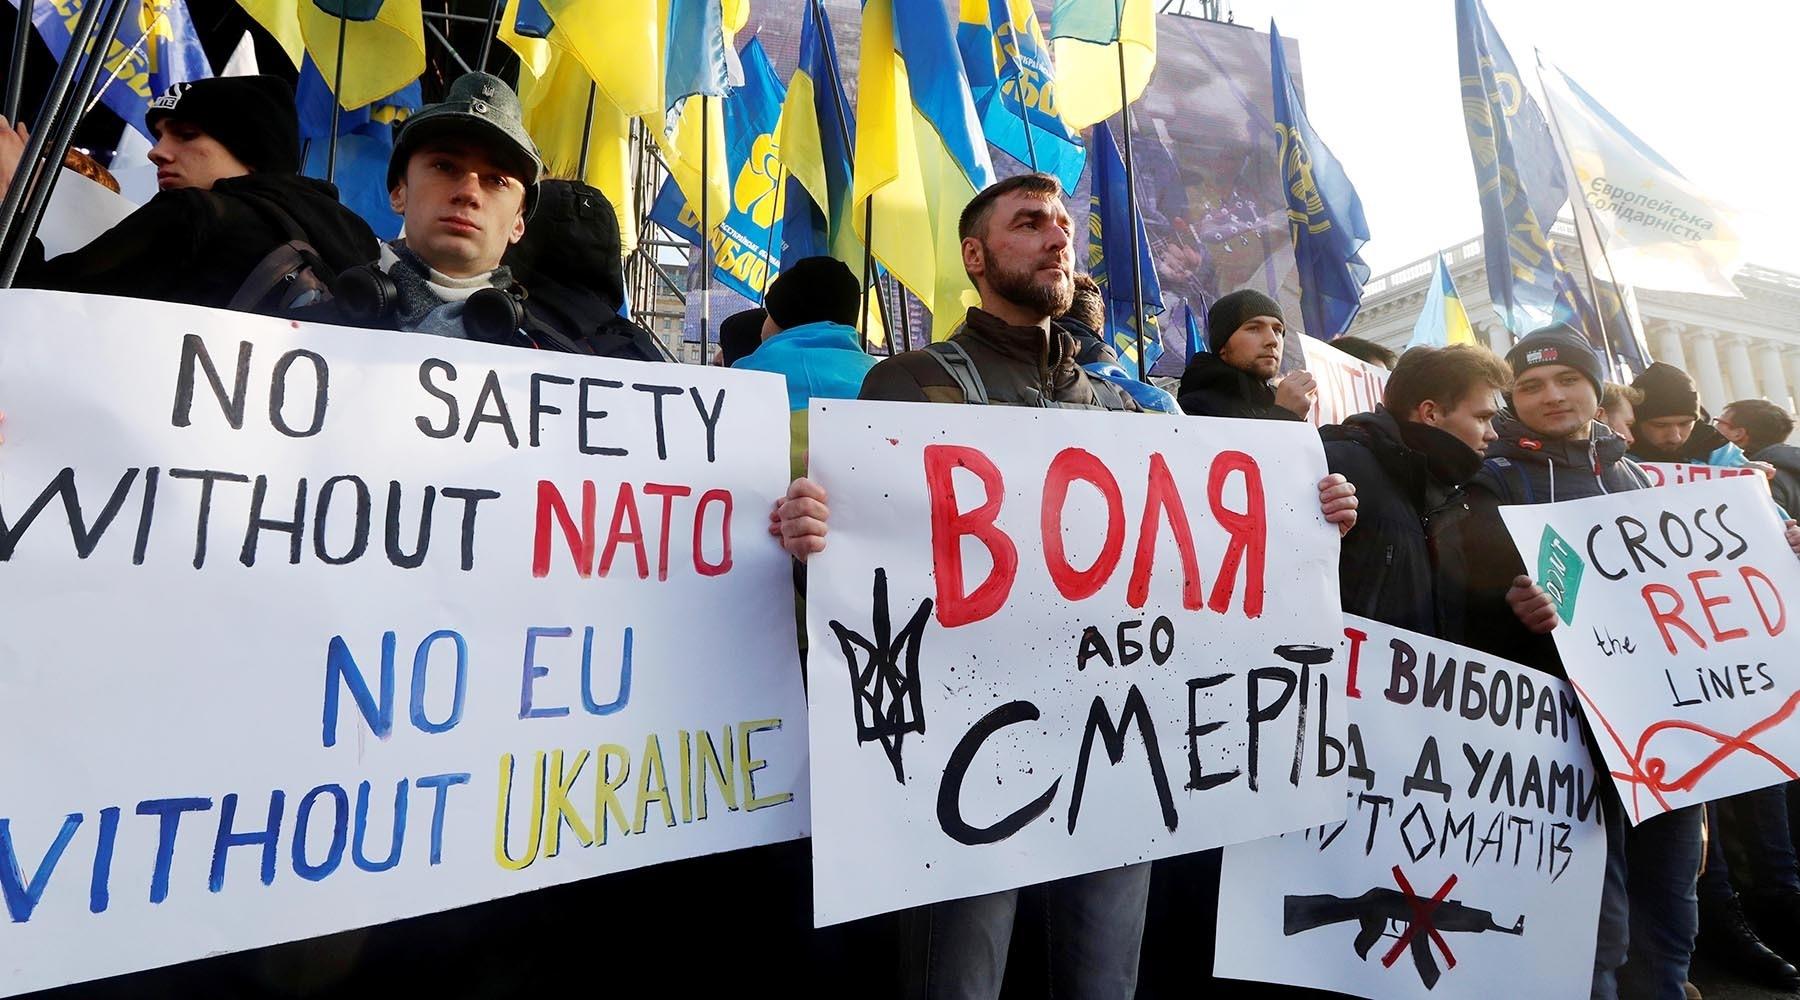 Sa jučerašnjih protesta u Kijevu